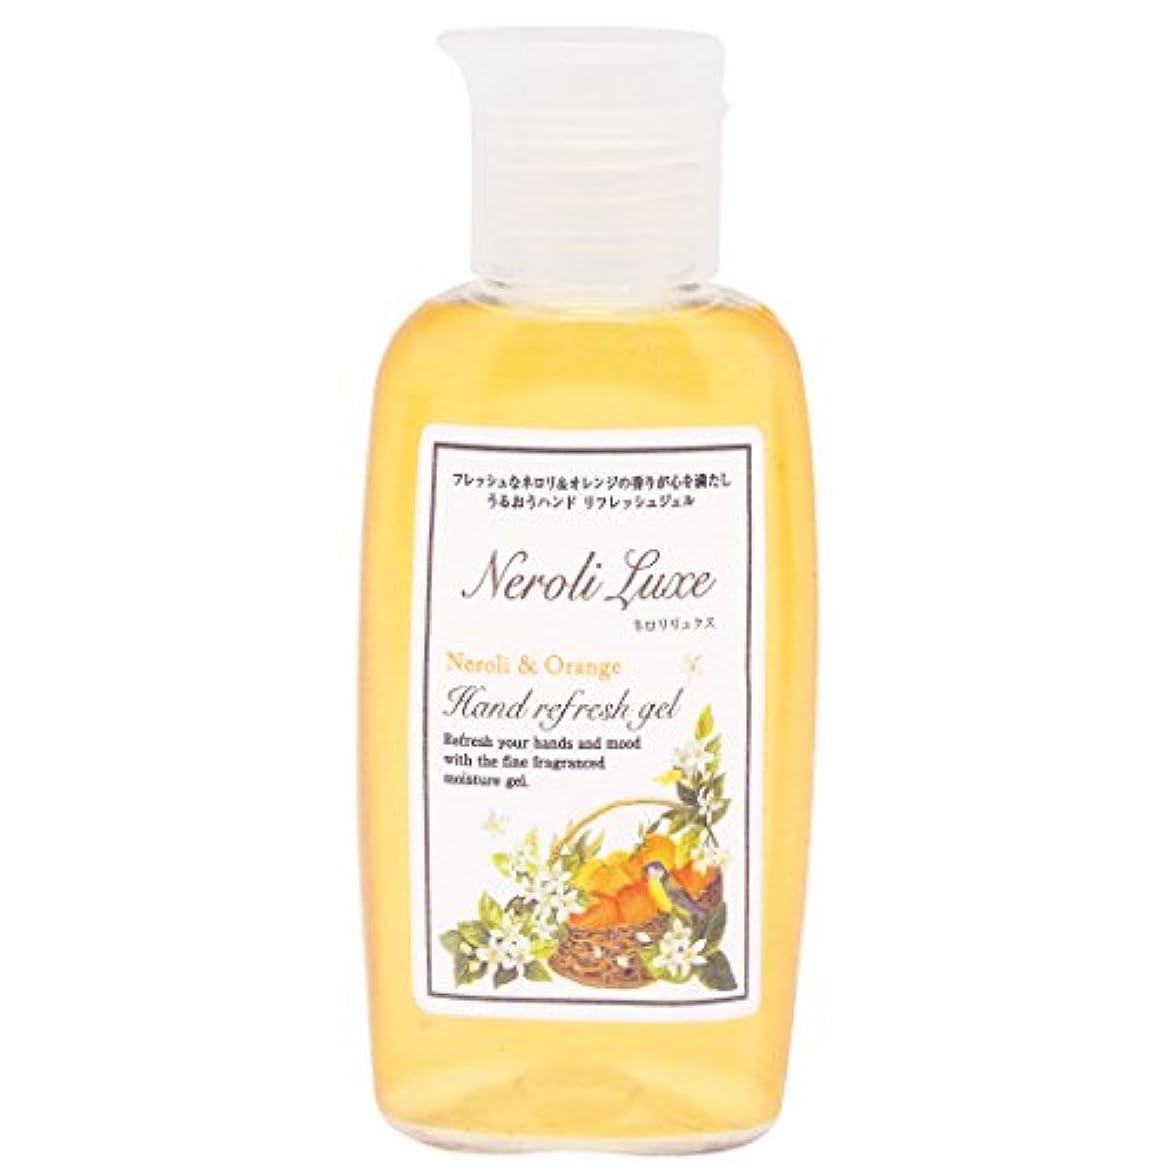 ジーピークリエイツ ネロリリュクス ハンドリフレッシュジェル 〈ネロリ & オレンジの香り〉 (65mL)